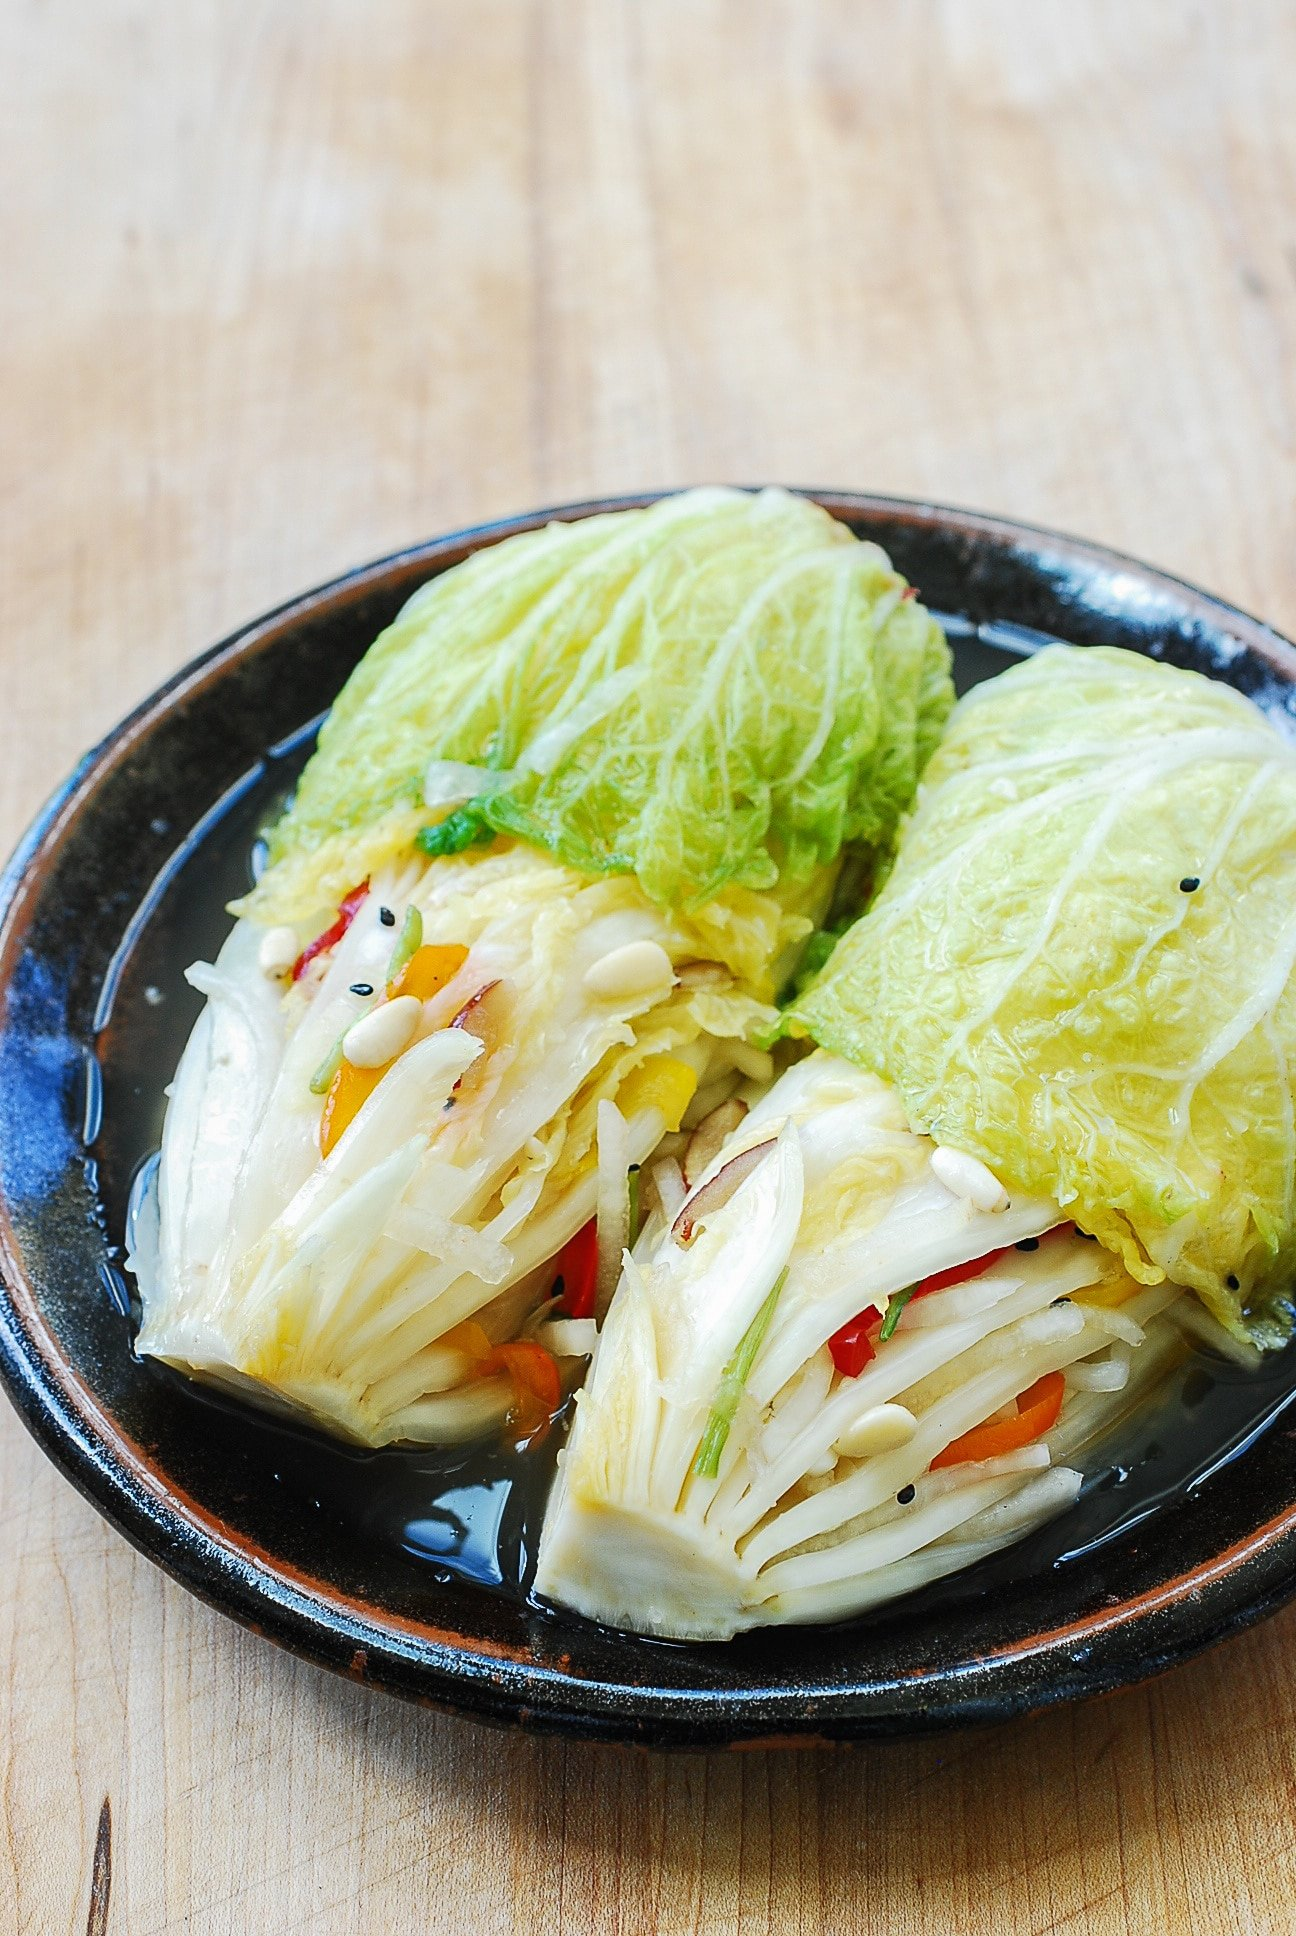 DSC 2905 1 - Baek Kimchi (White Kimchi)